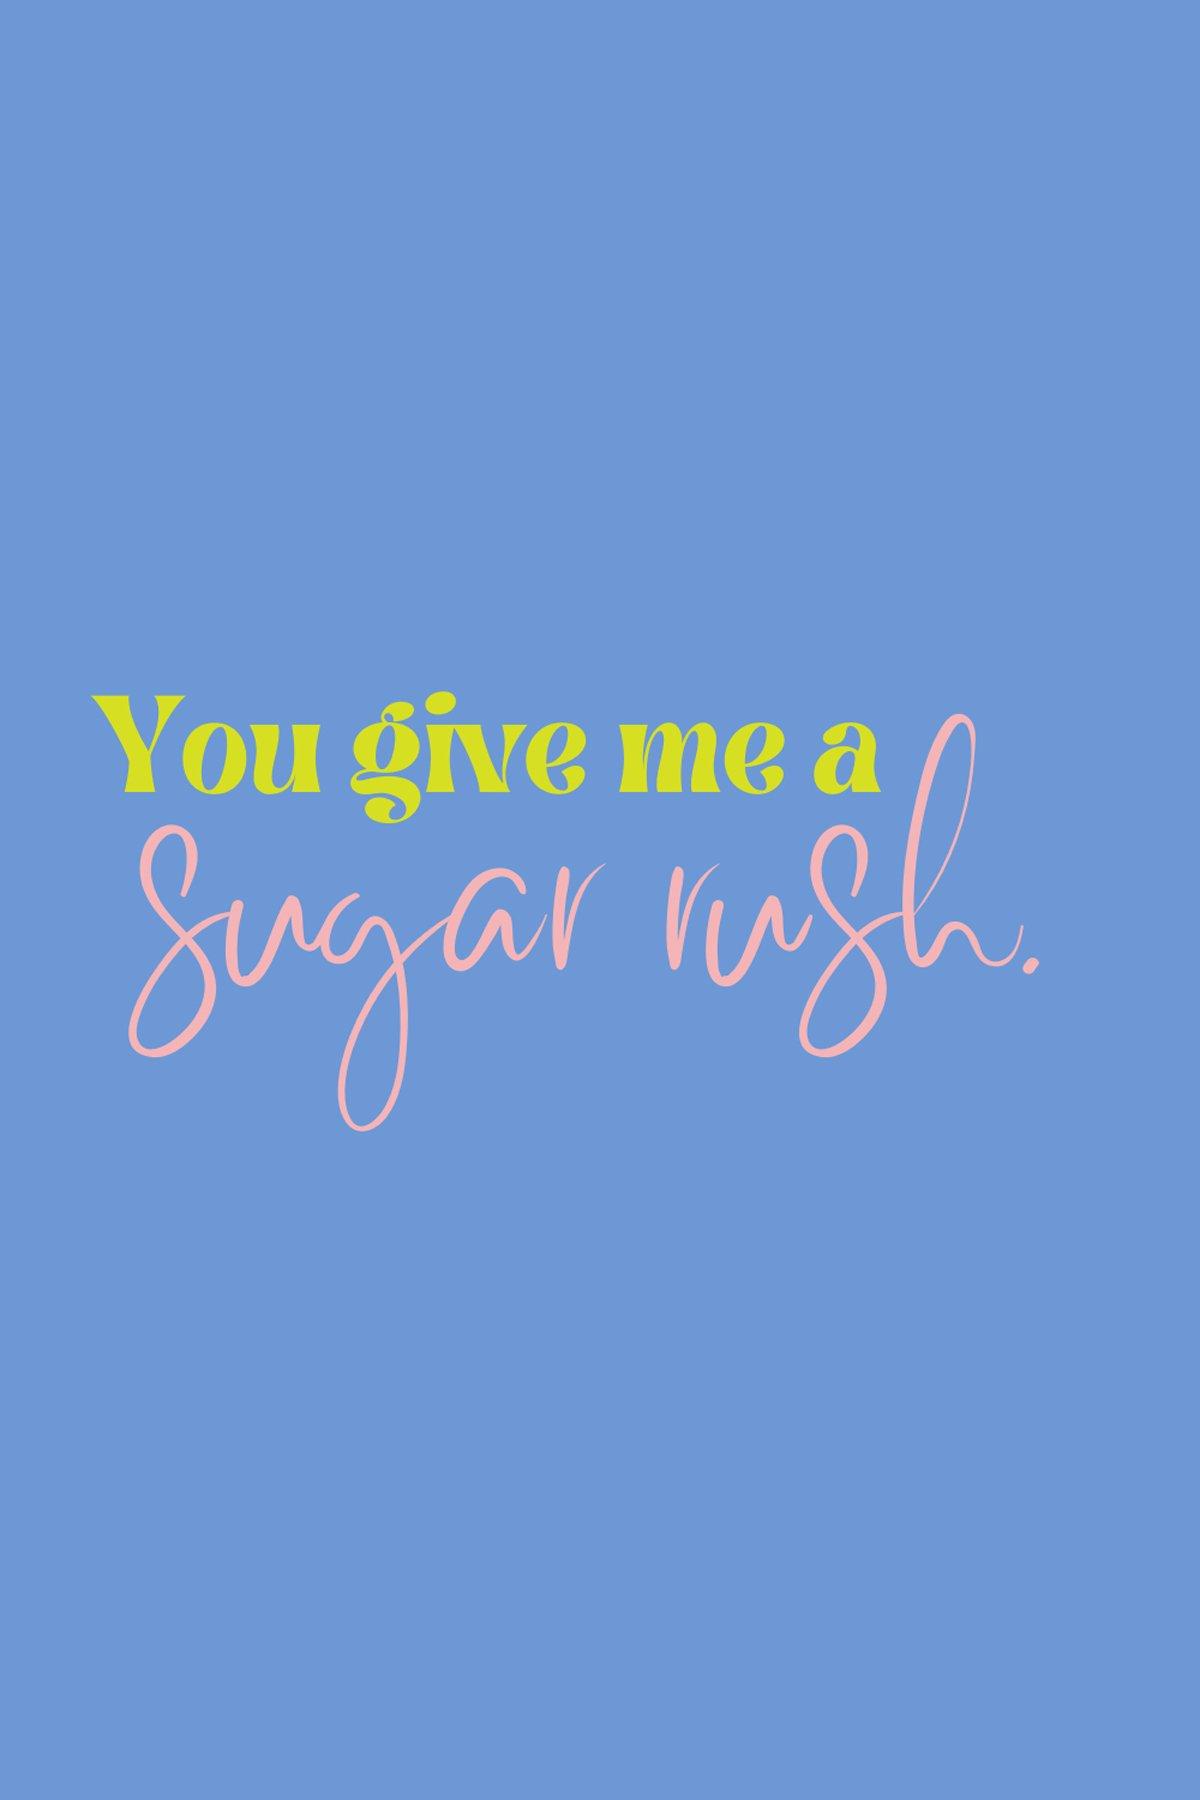 Sugar Rush Sayings